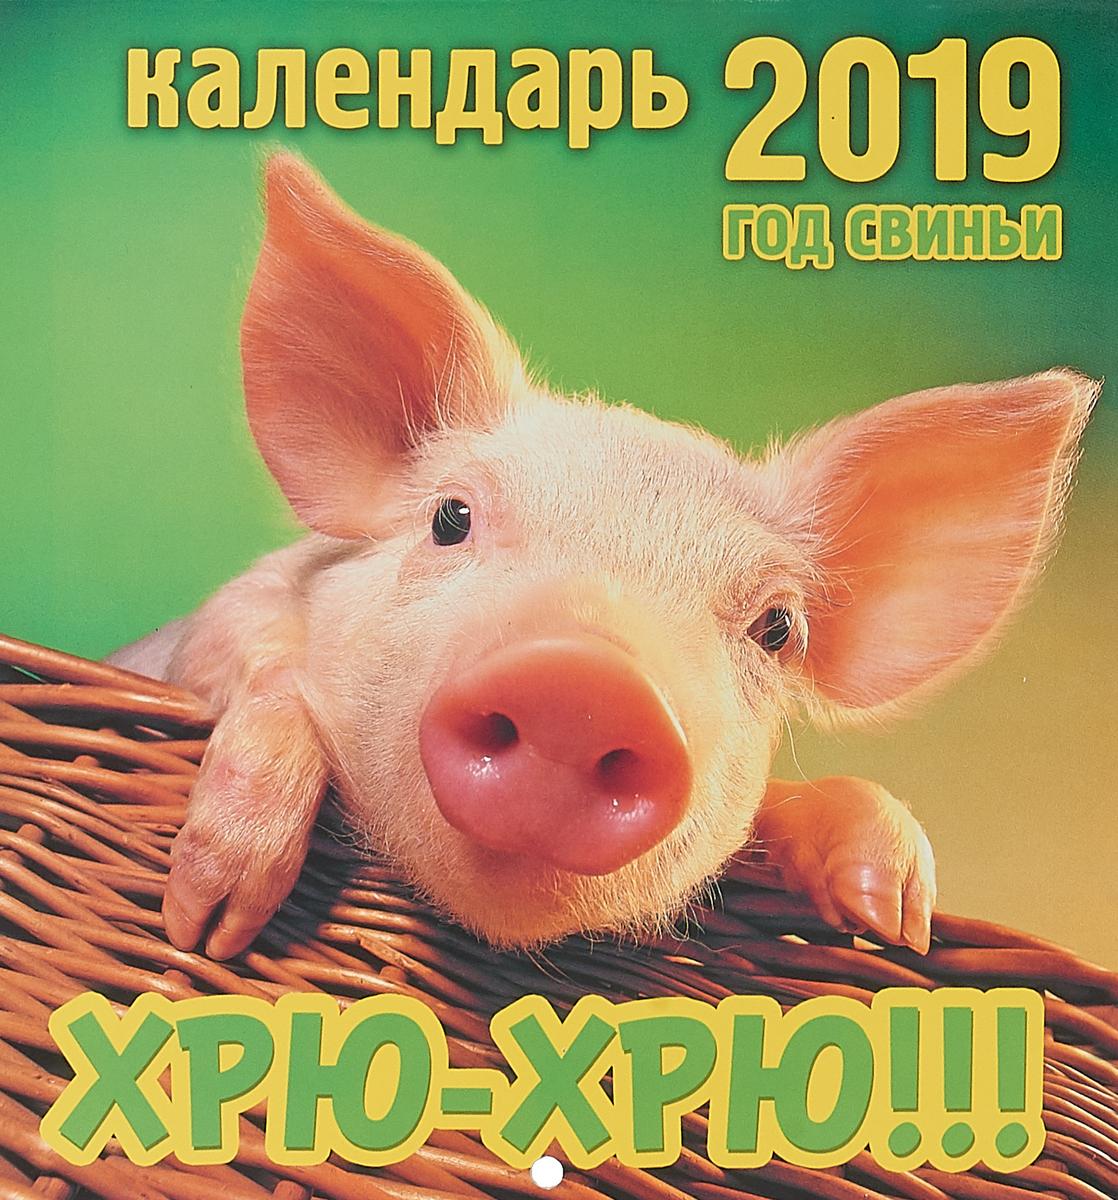 Календарь. 2019 г. Перекидной. 19х20,5. Хрю-хрю!